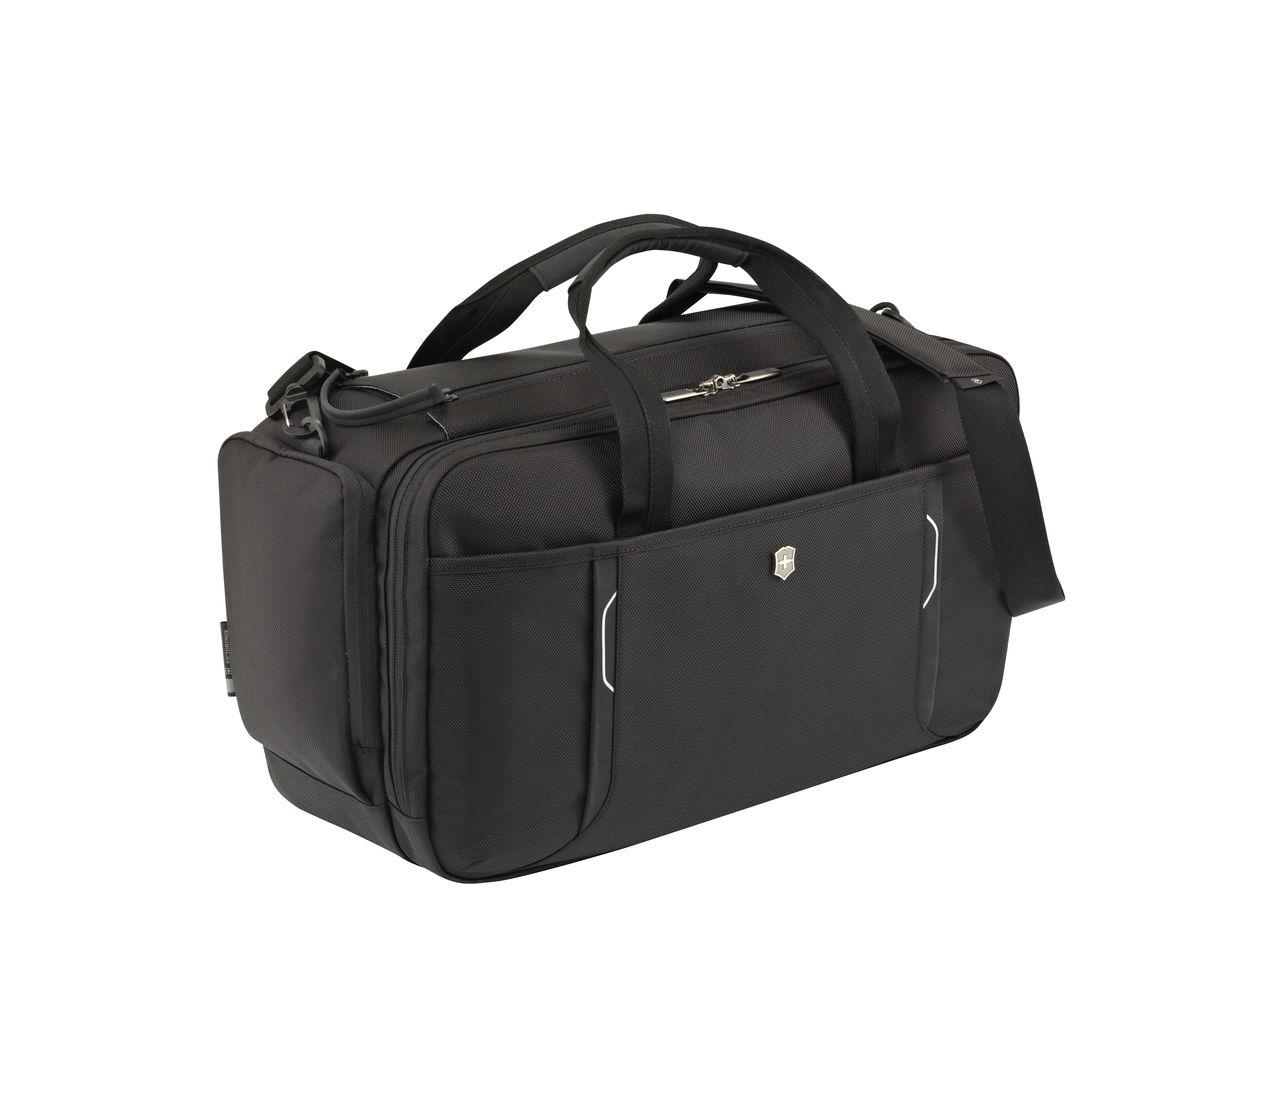 Victorinox Werks Traveler 6 0 Duffel In Black 606372